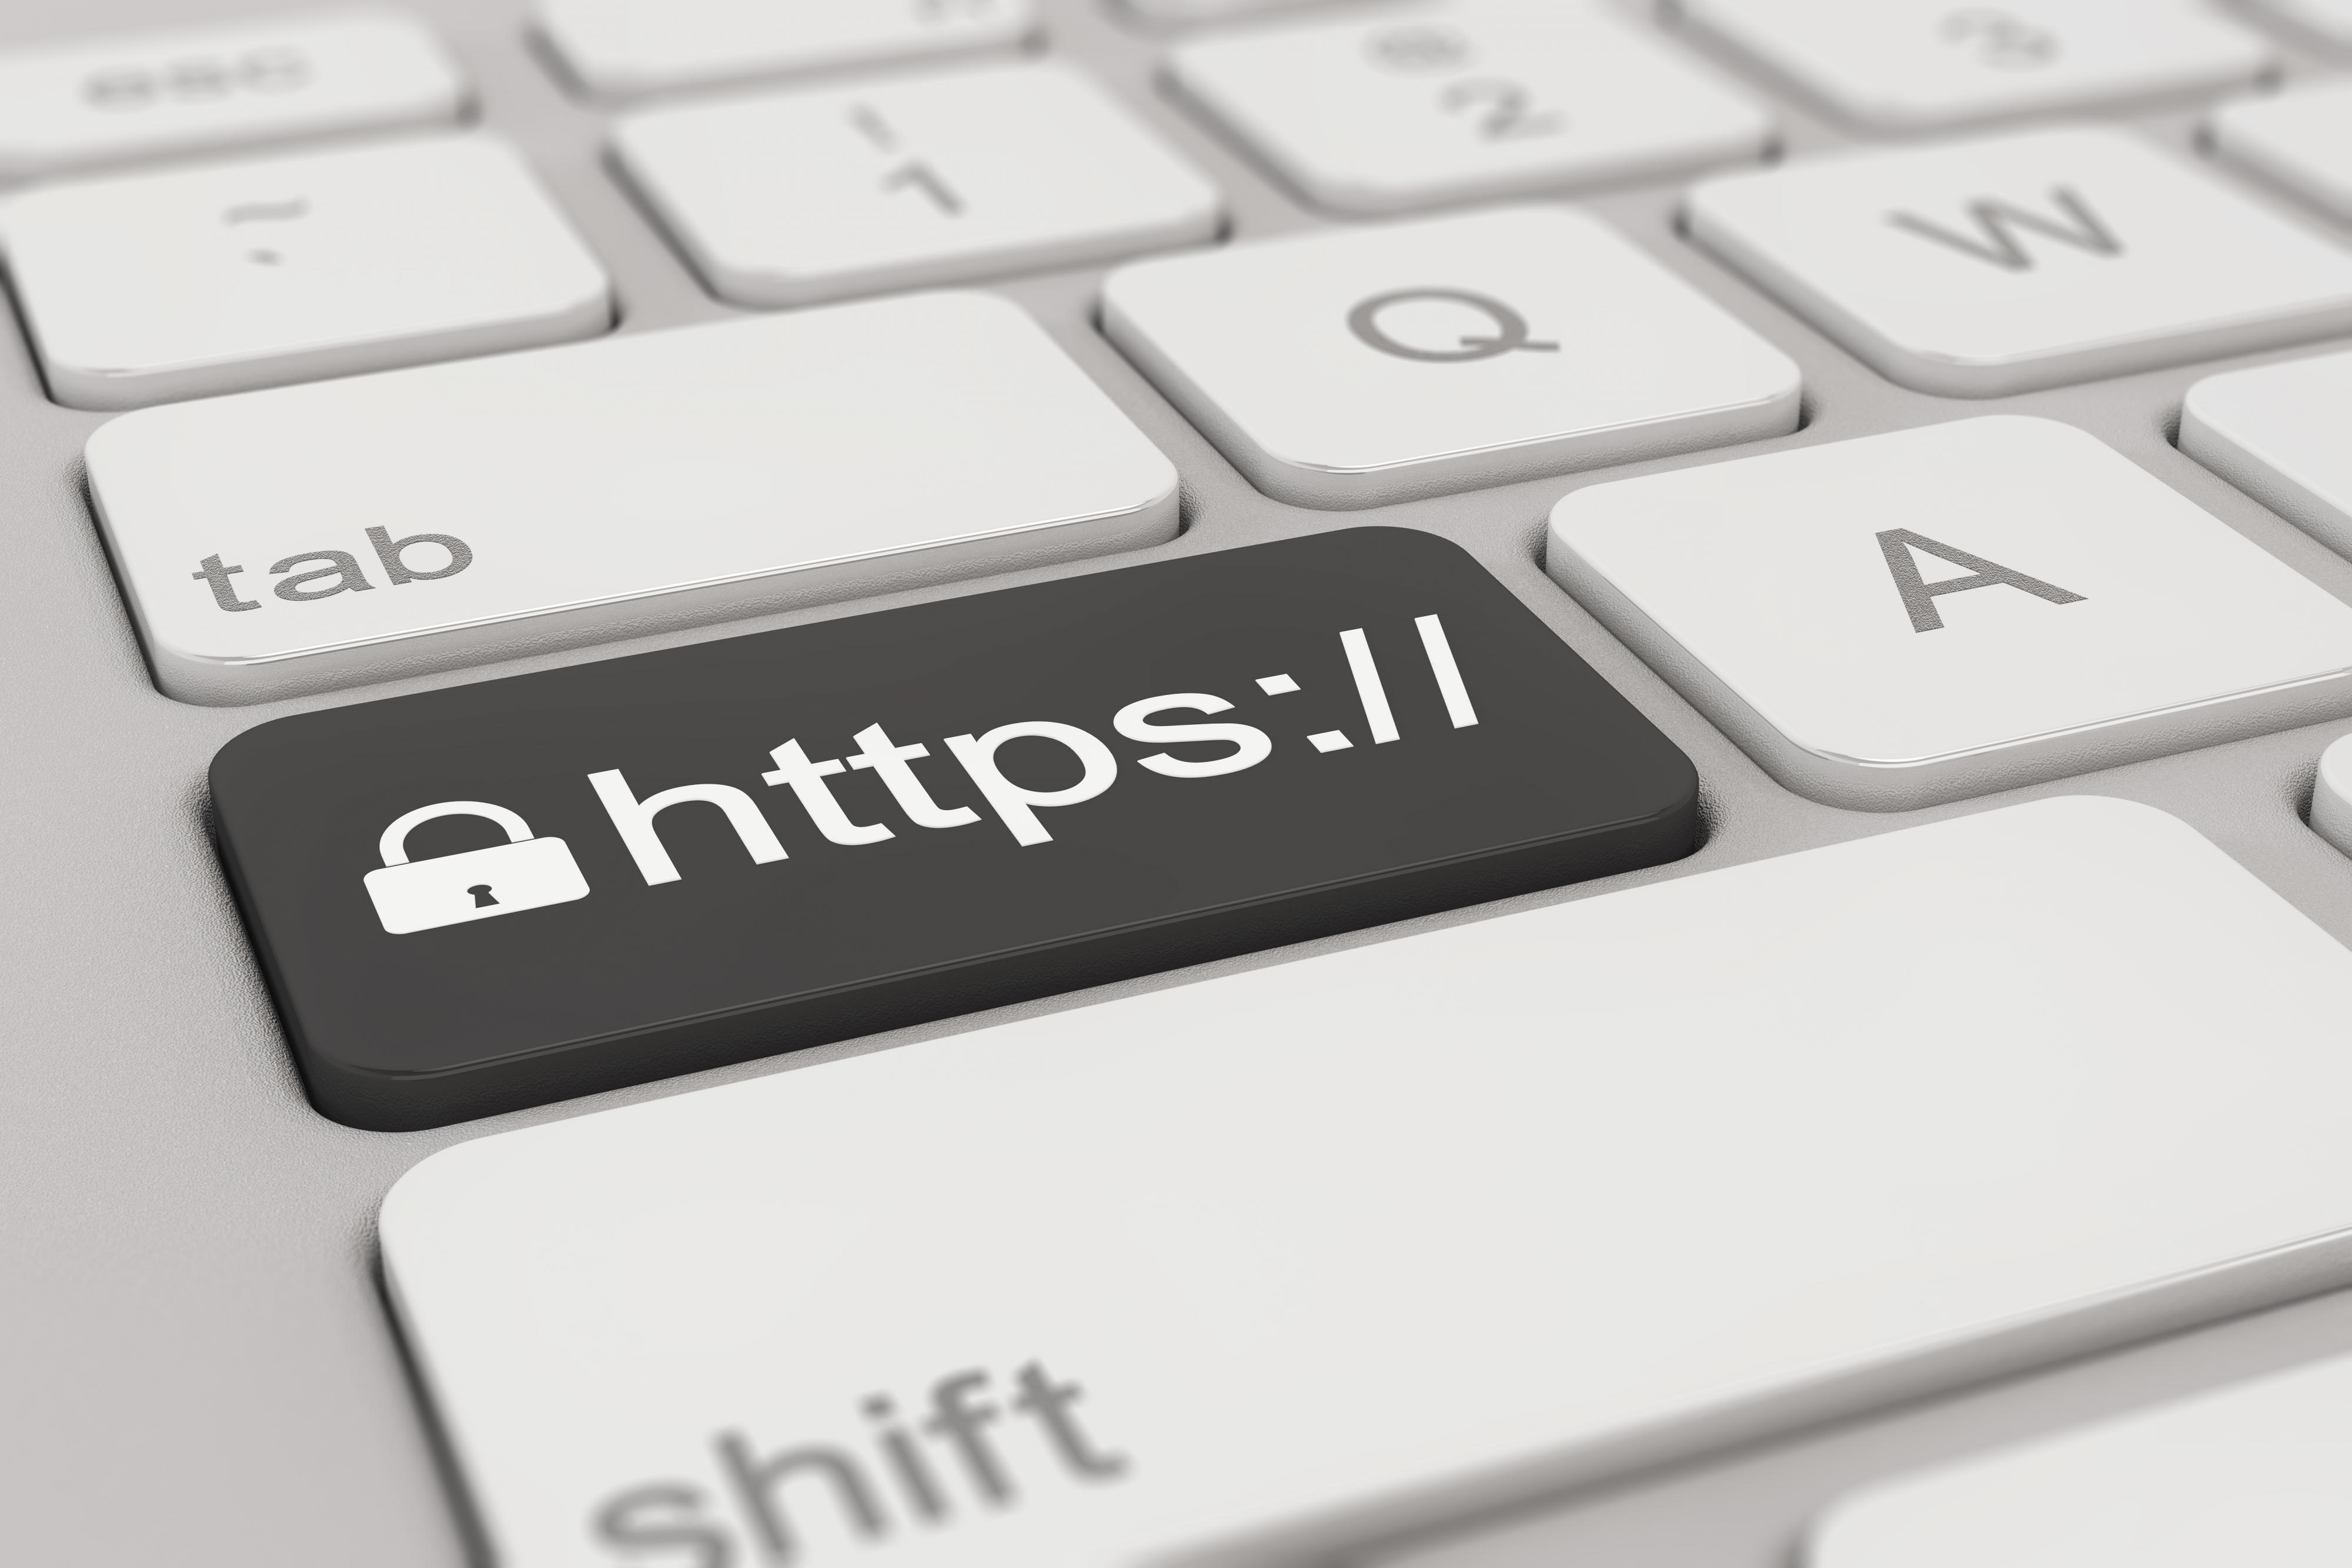 Vier eenvoudige tips om hacken tegen te gaan